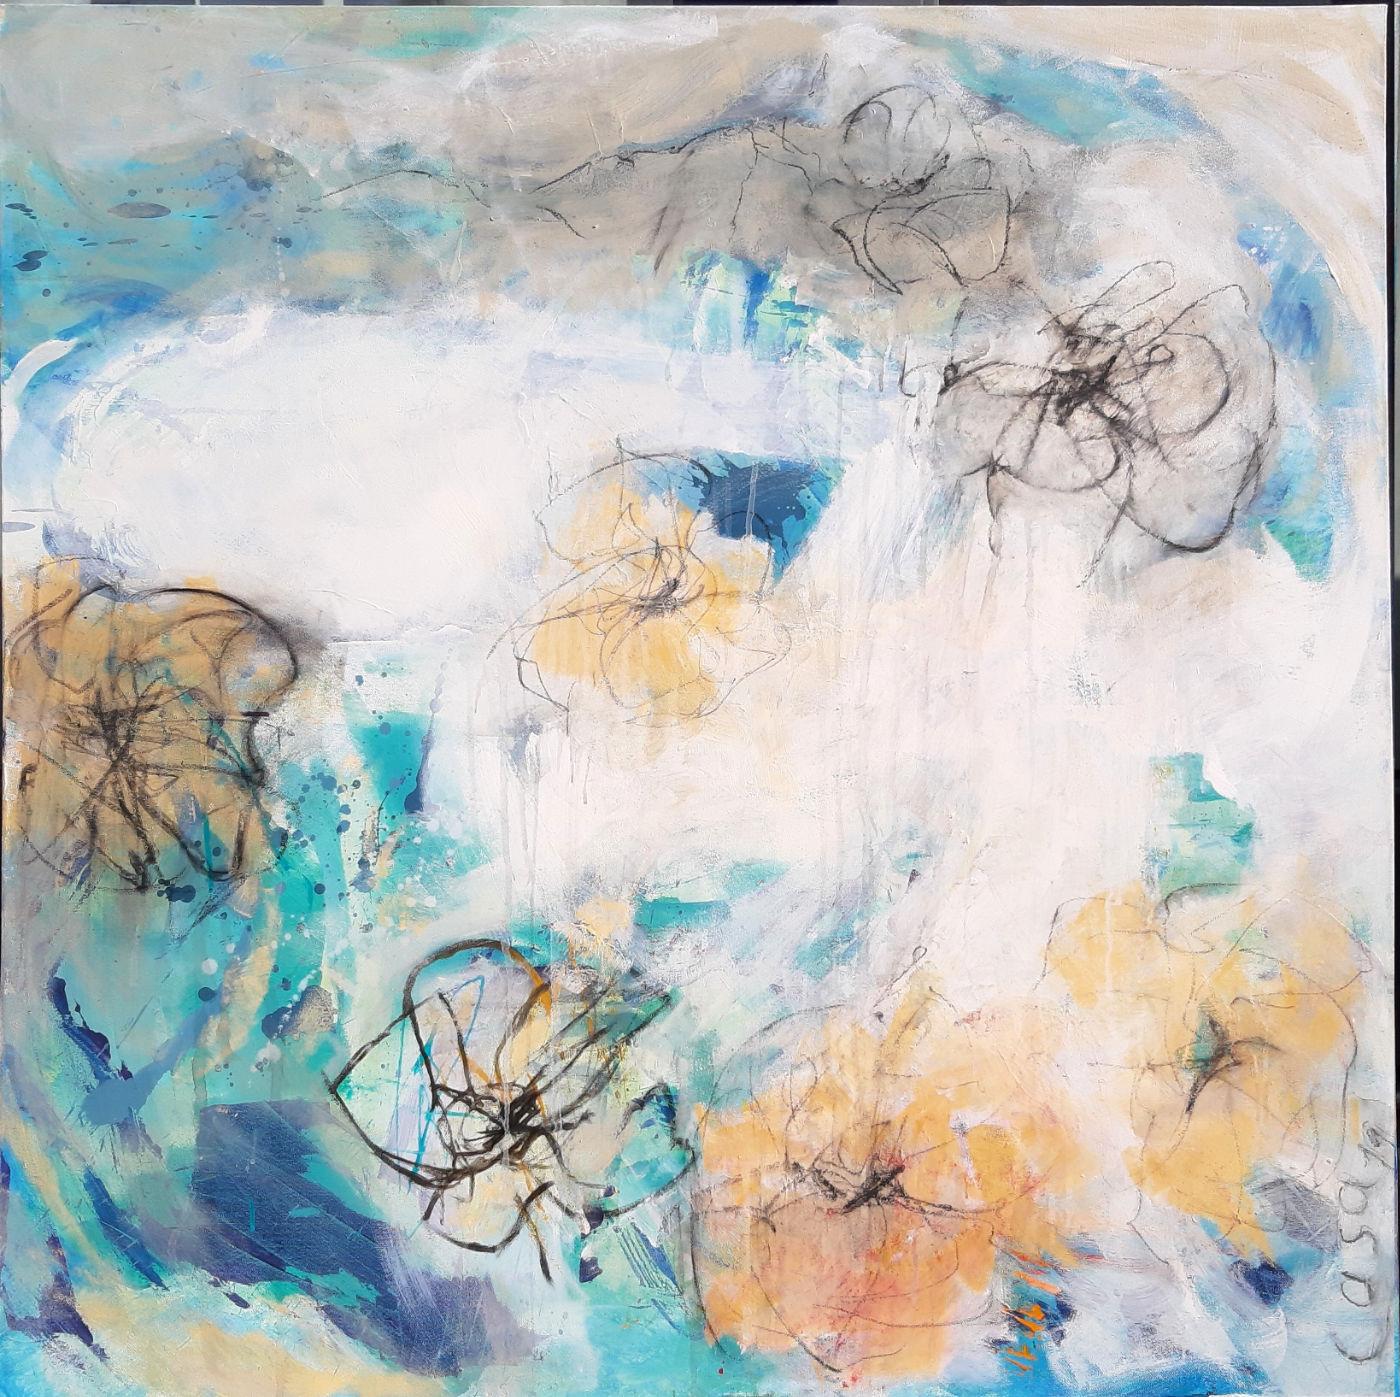 Rose Du - Acryl, mixed media auf Leinwand, 100 x 100 cm